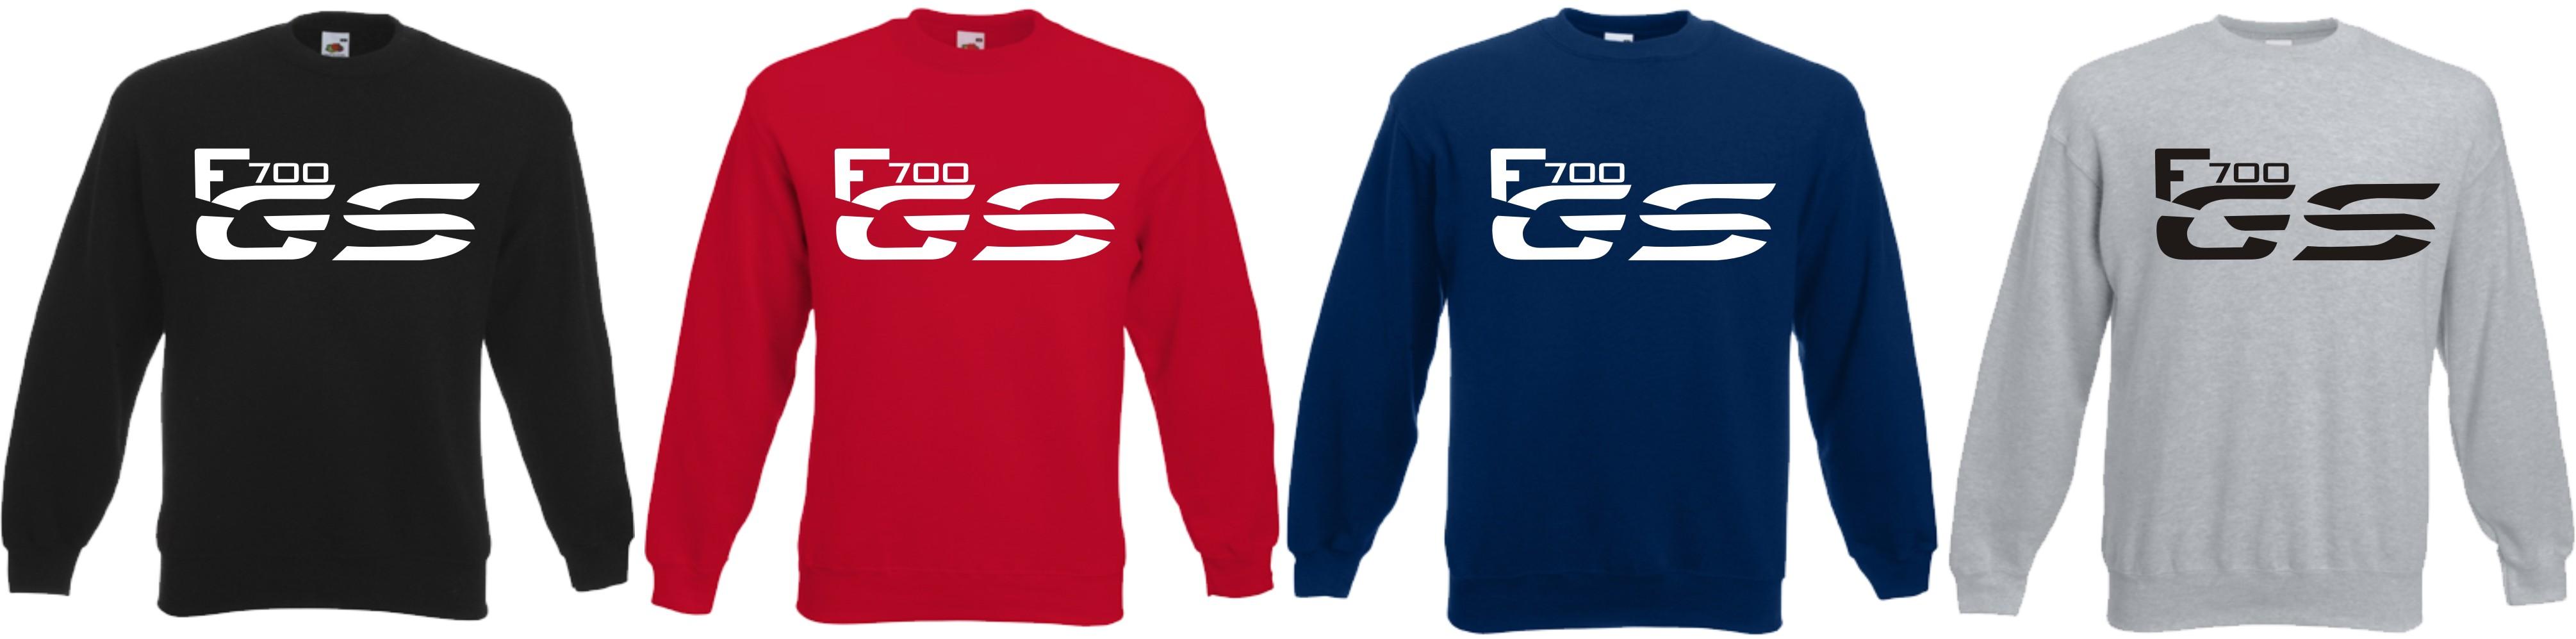 GS_700_Sweater_alle_farben.jpg